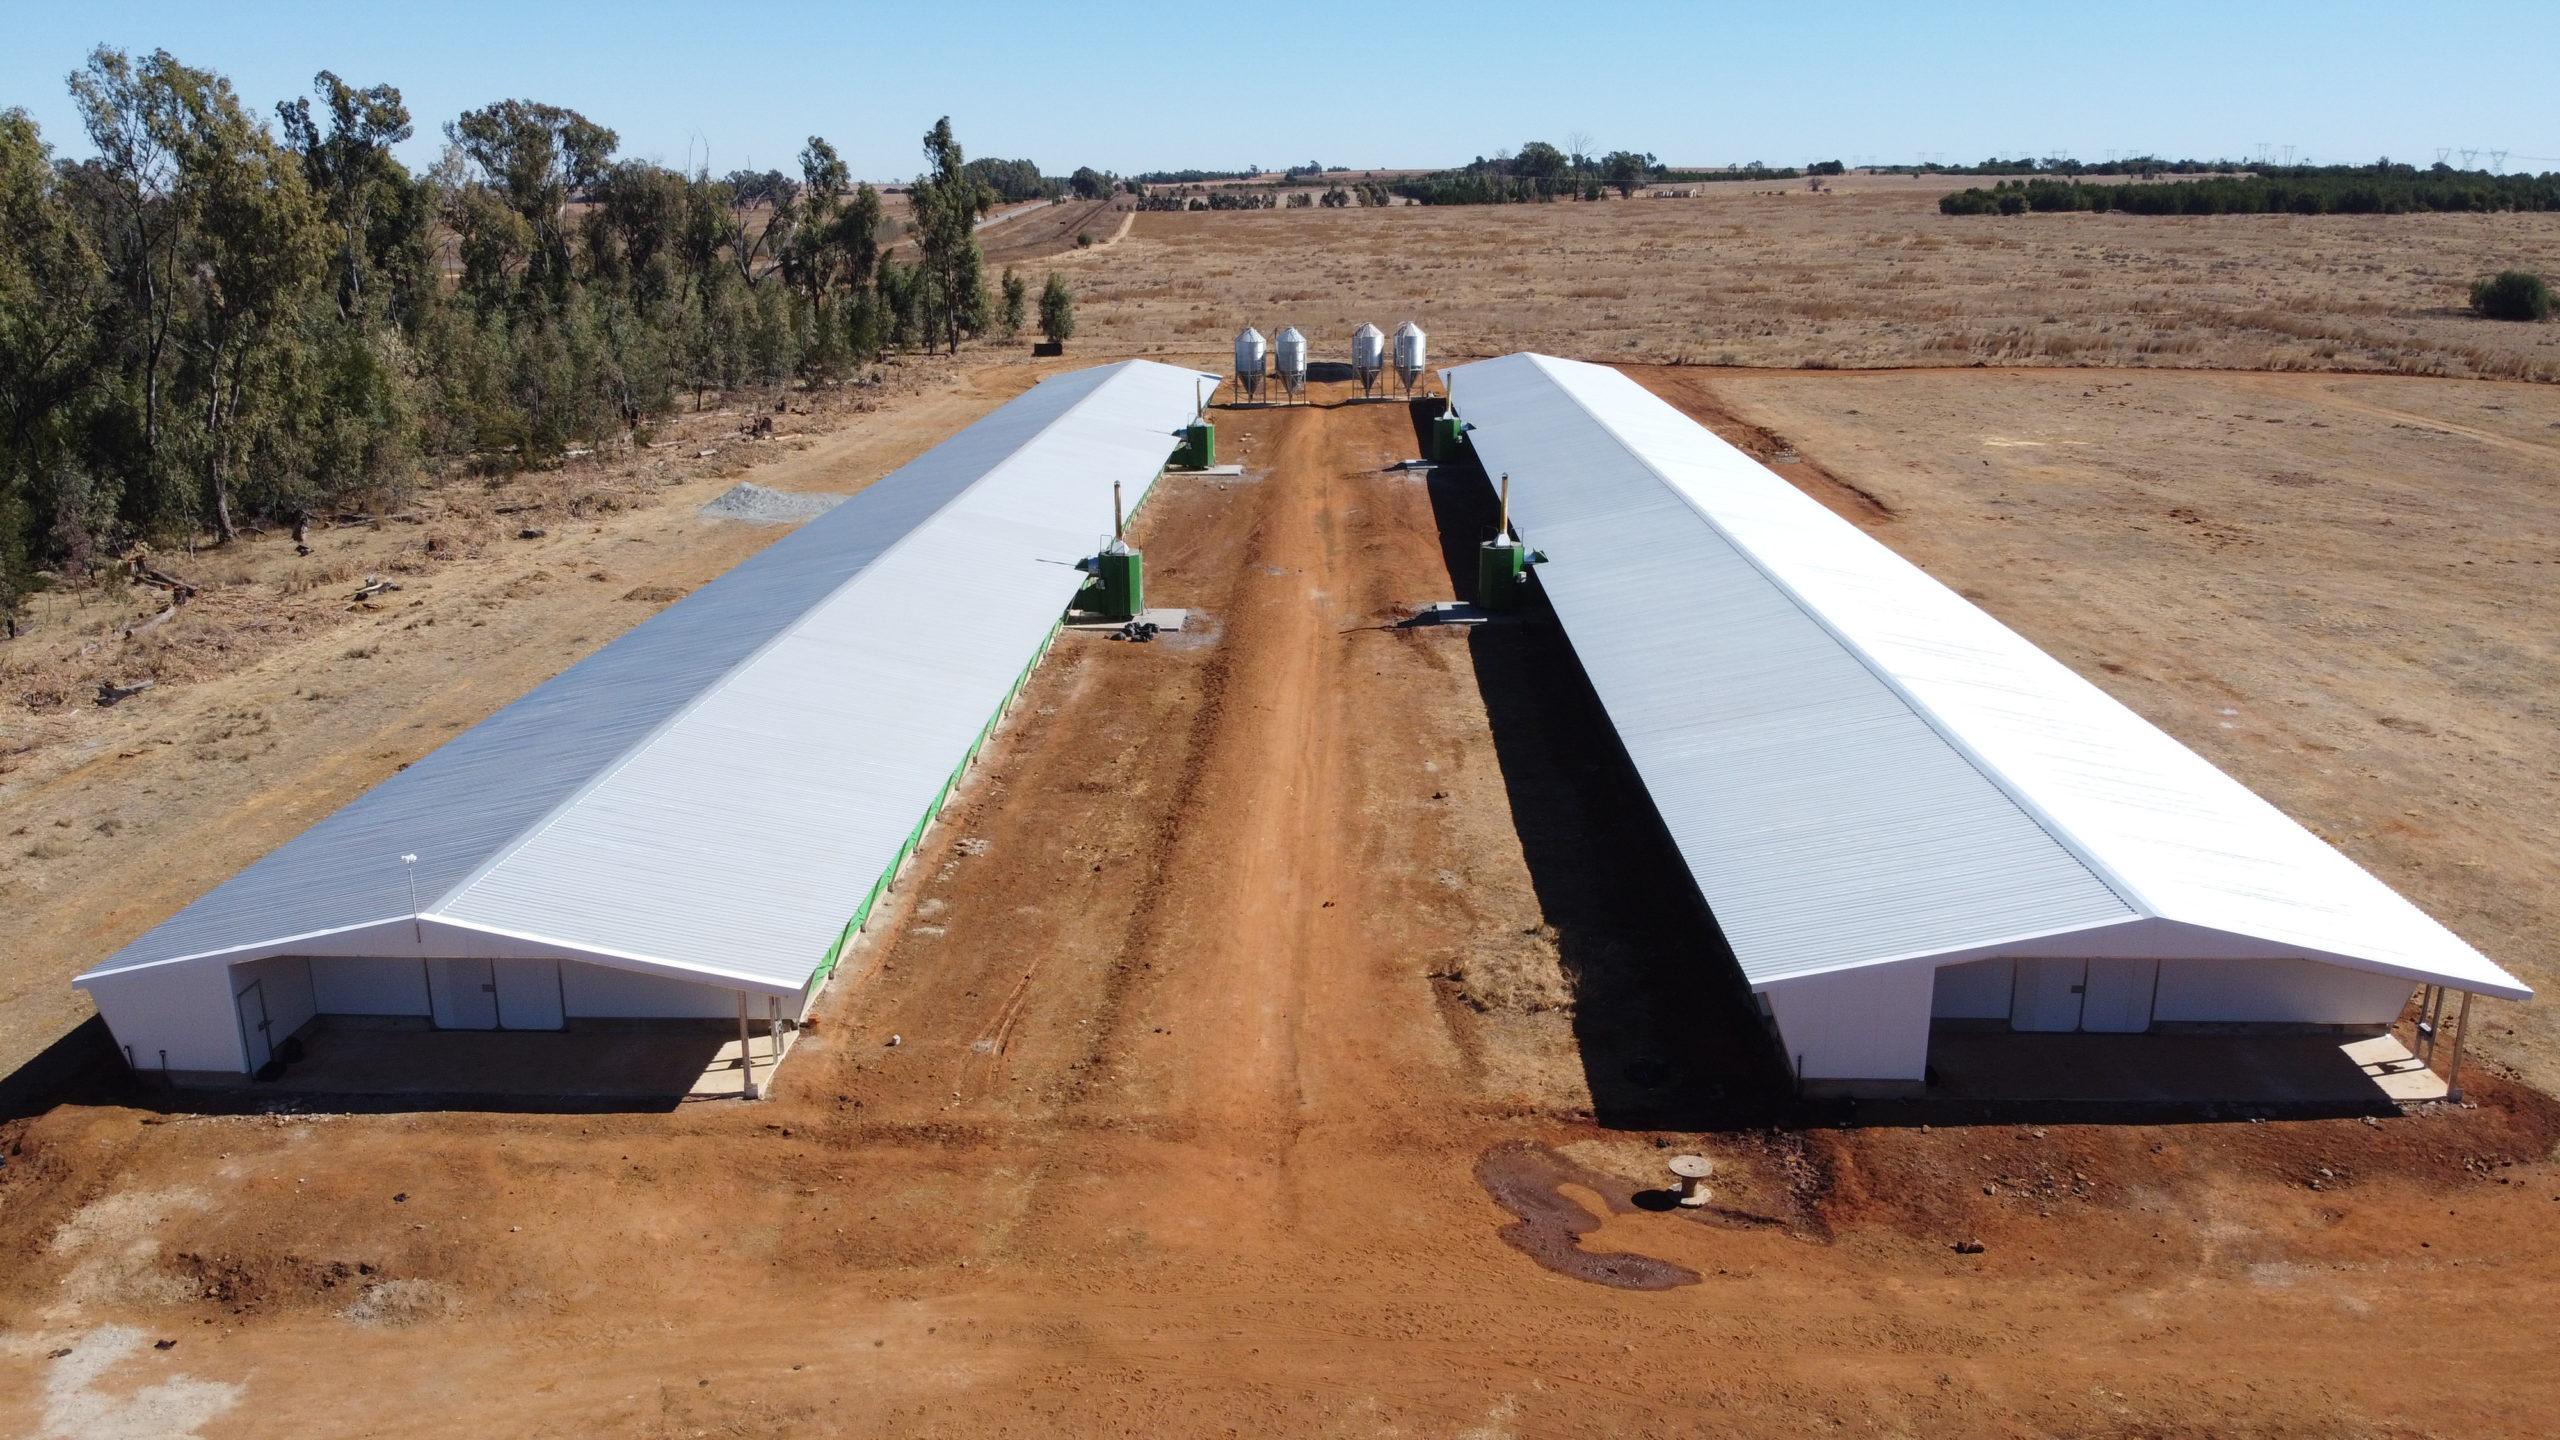 Un investissement prometteur dans le domaine avicole en Afrique du Sud: l'histoire du cas Oron Trading